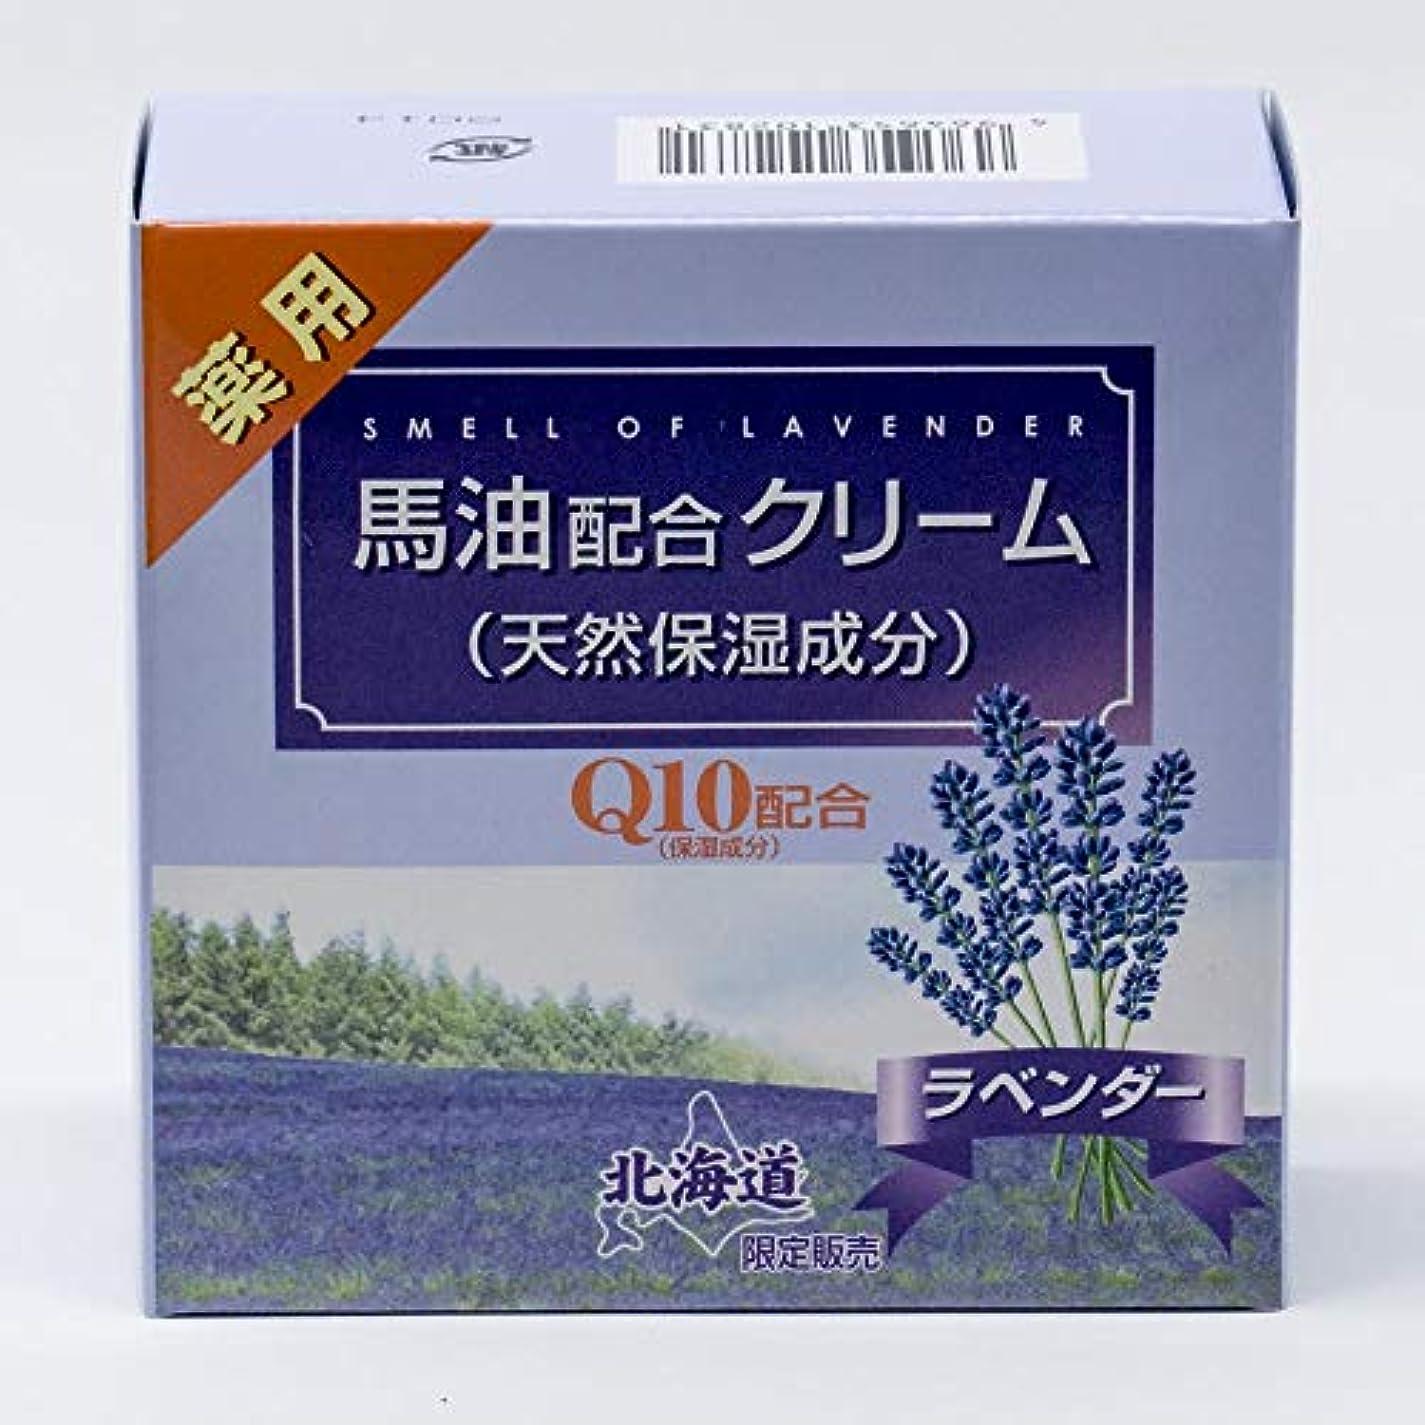 ブレーク家事をするガイド薬用 馬油配合クリーム ラベンダーの香り 保湿成分Q10配合